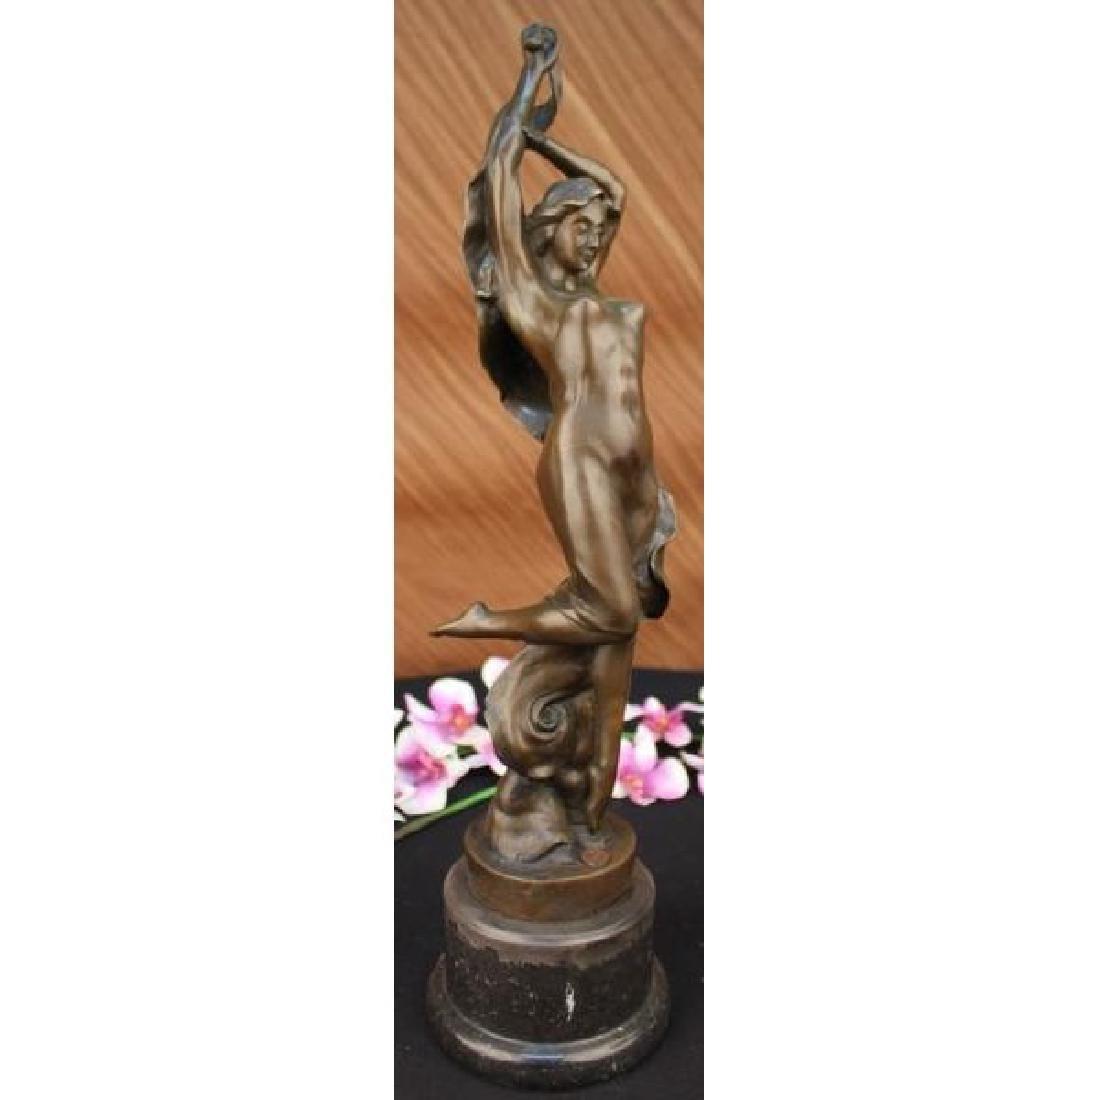 Large Nude Nymph Bronze Erotic Sculpture Figure Statue